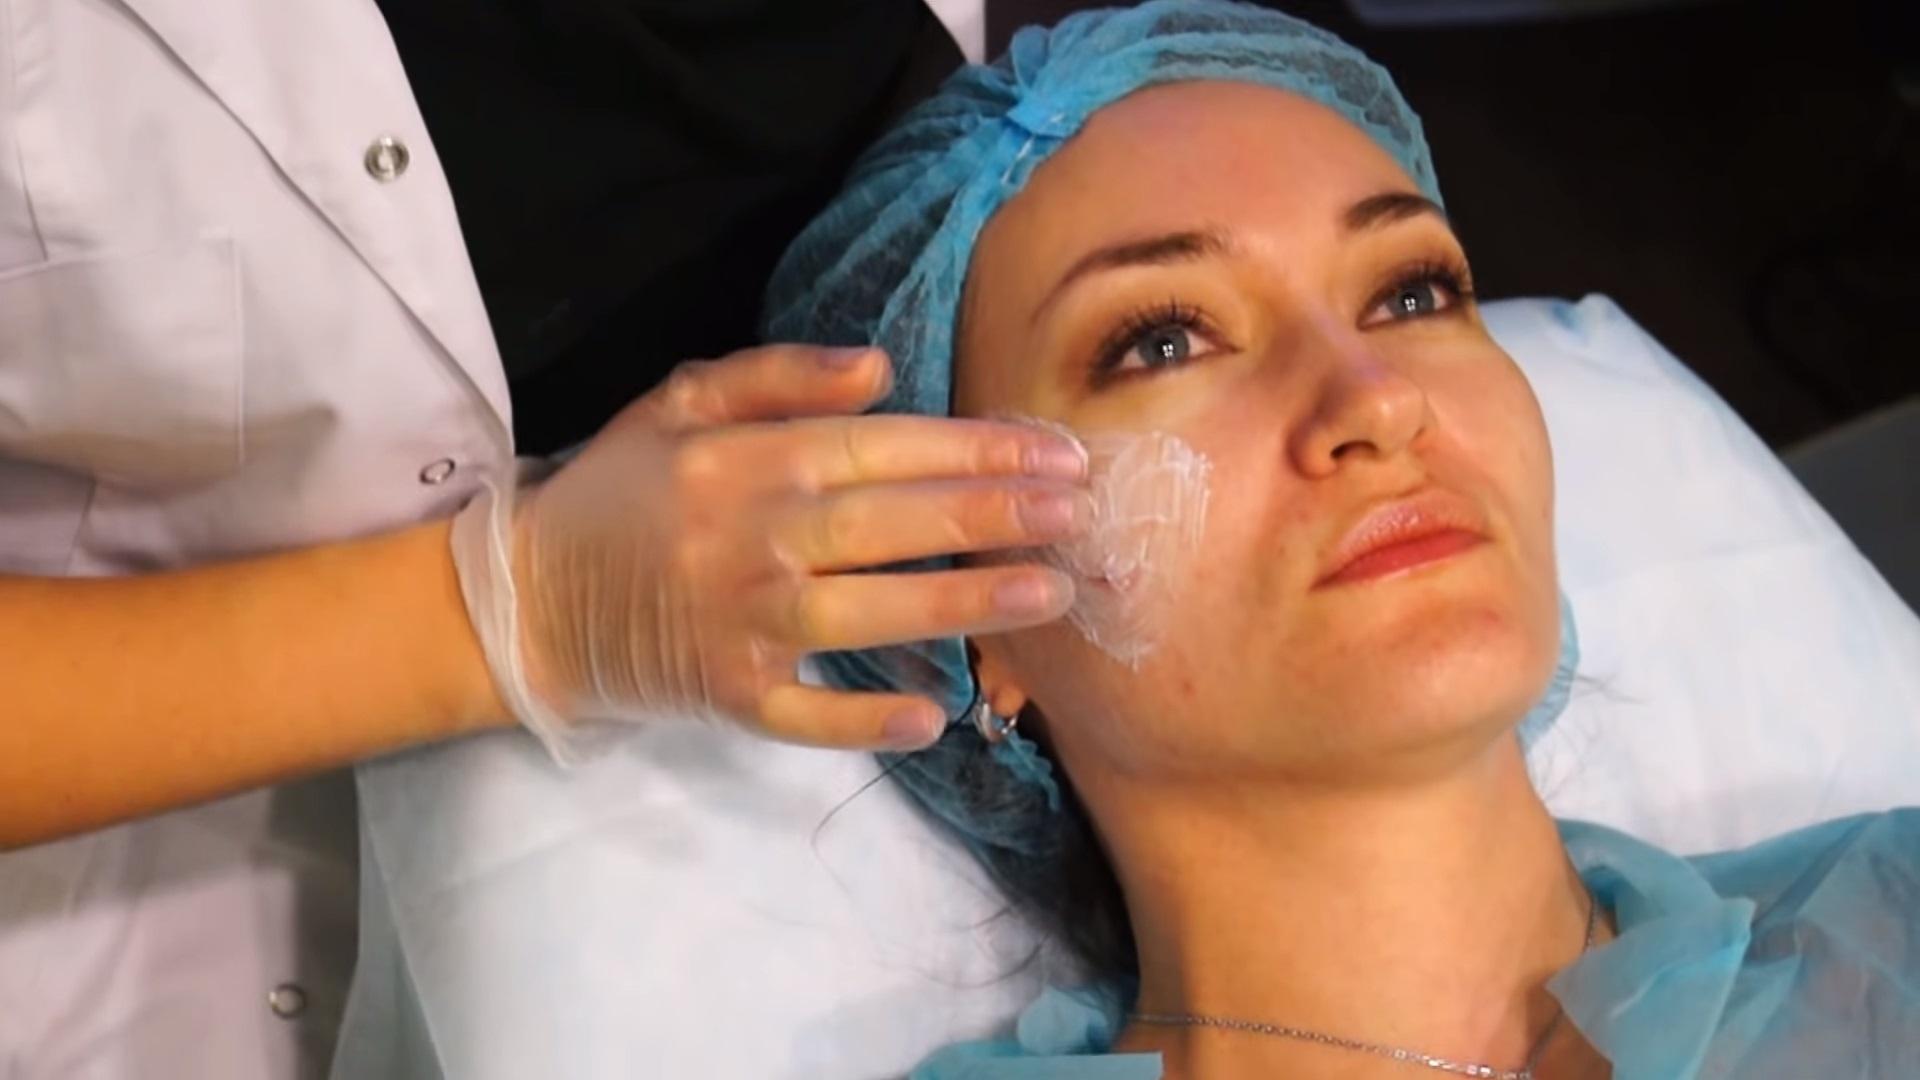 Обработка лица анестетиком